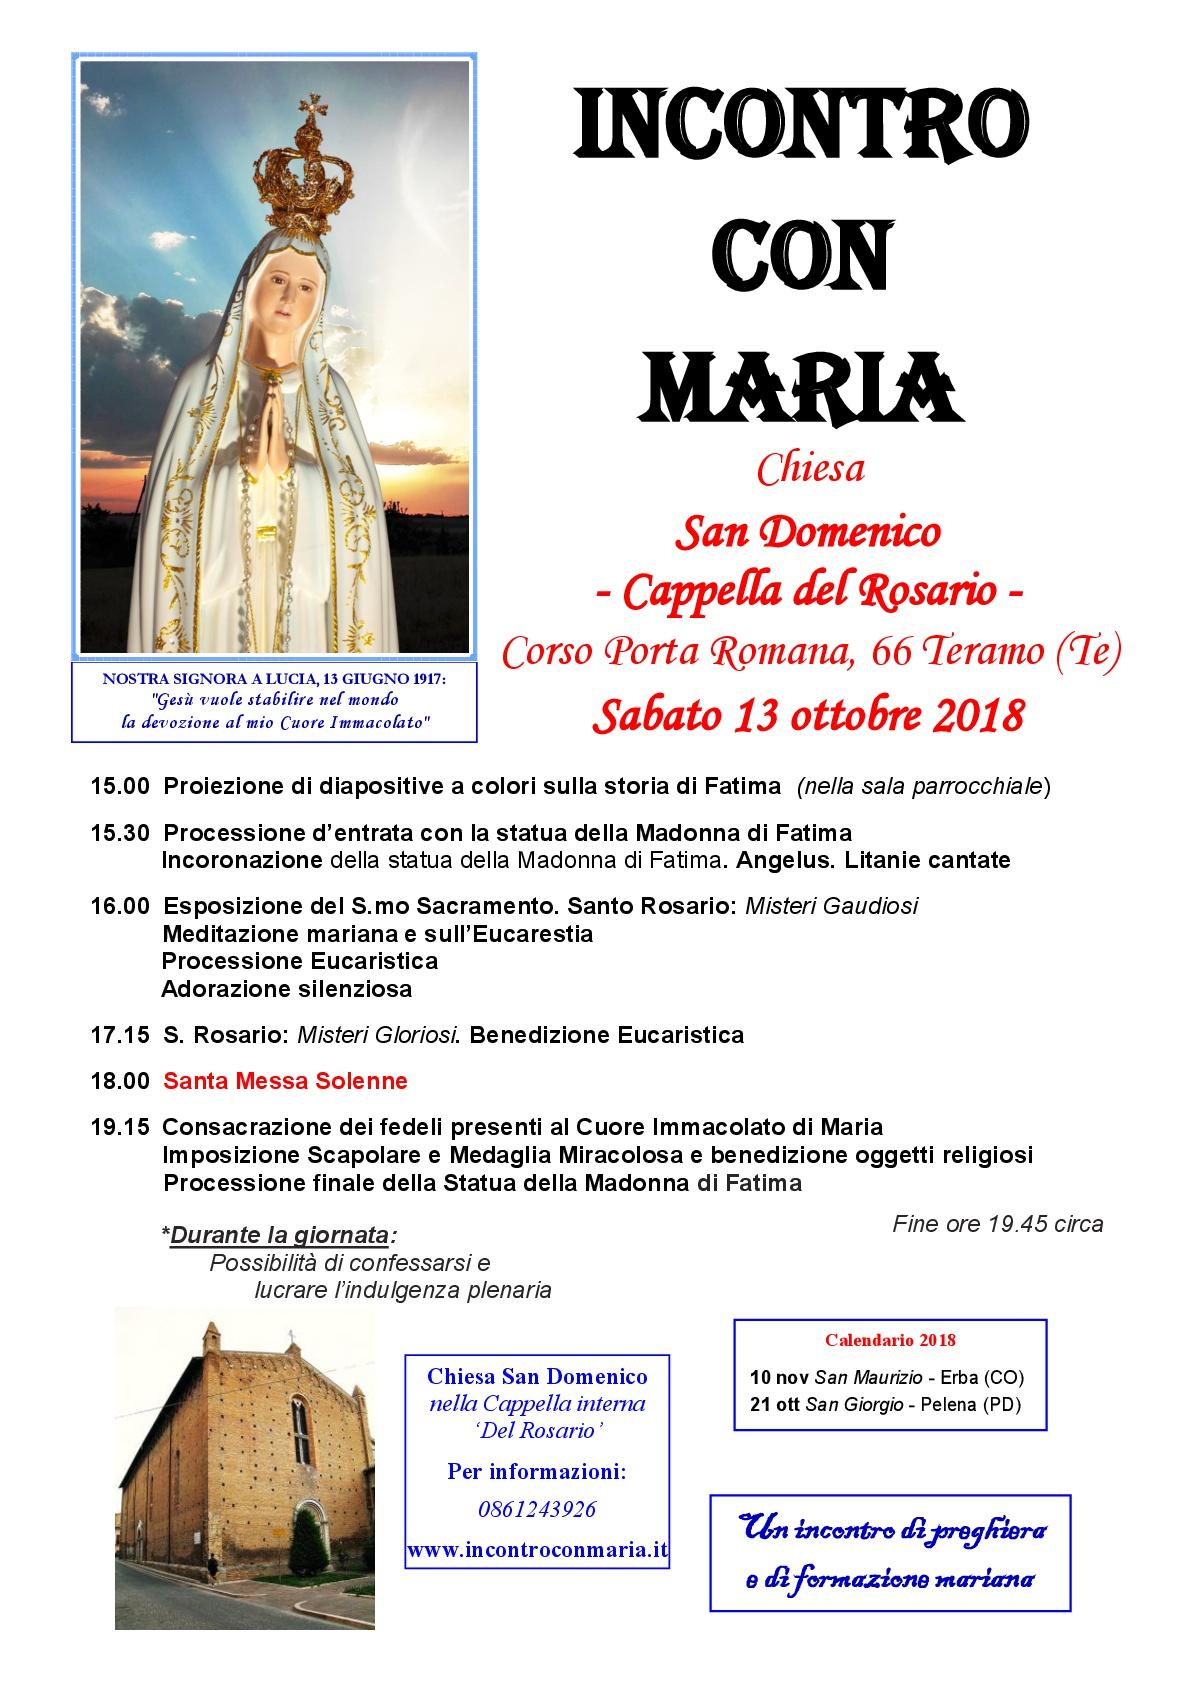 Indulgenze Plenarie Calendario.Sabato 13 Ottobre 2018 Chiesa San Domenico Cappella Del